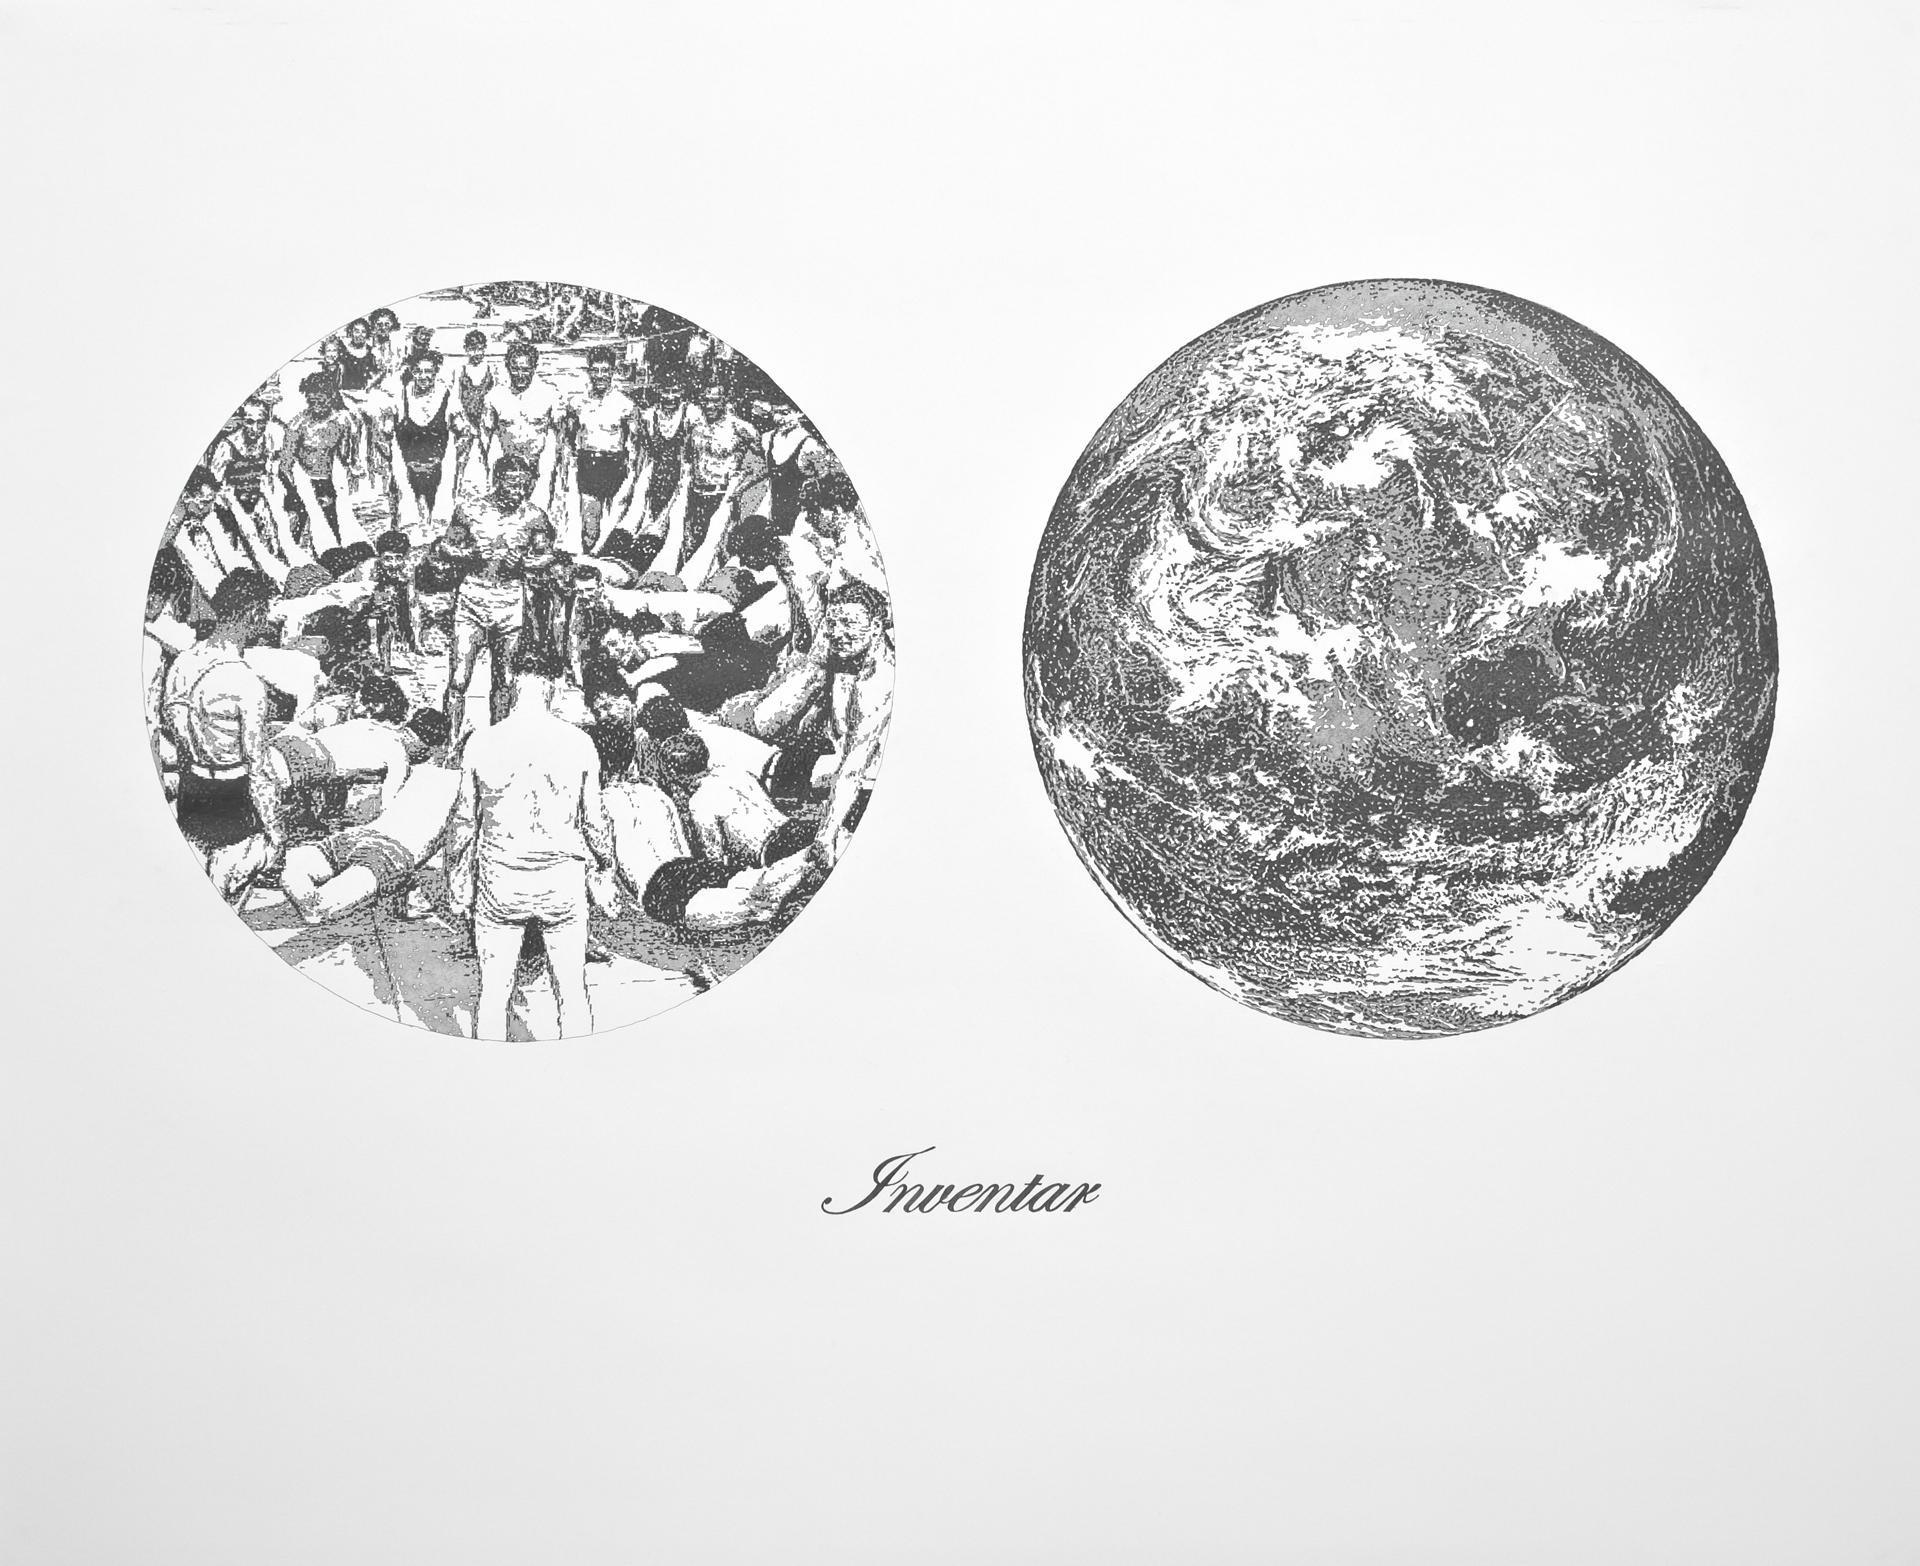 Inventar, Bleistift auf Papier, 152cm x 200cm, 2011